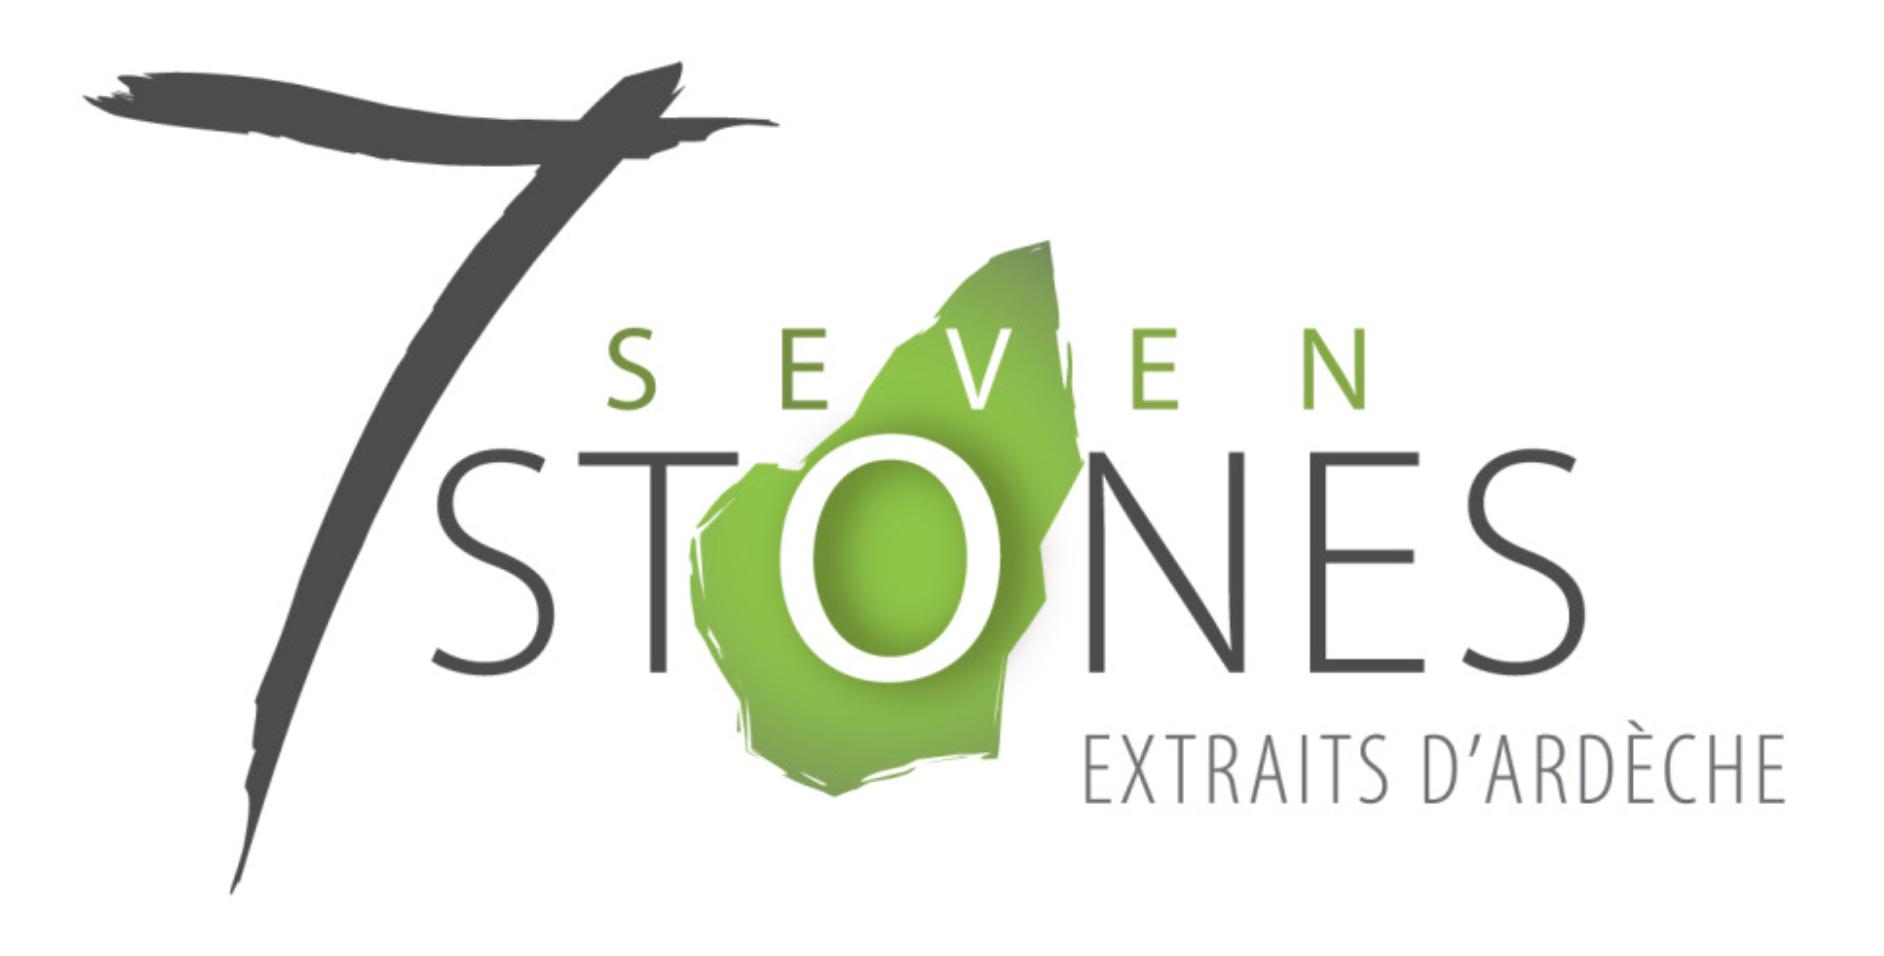 7stones-logo